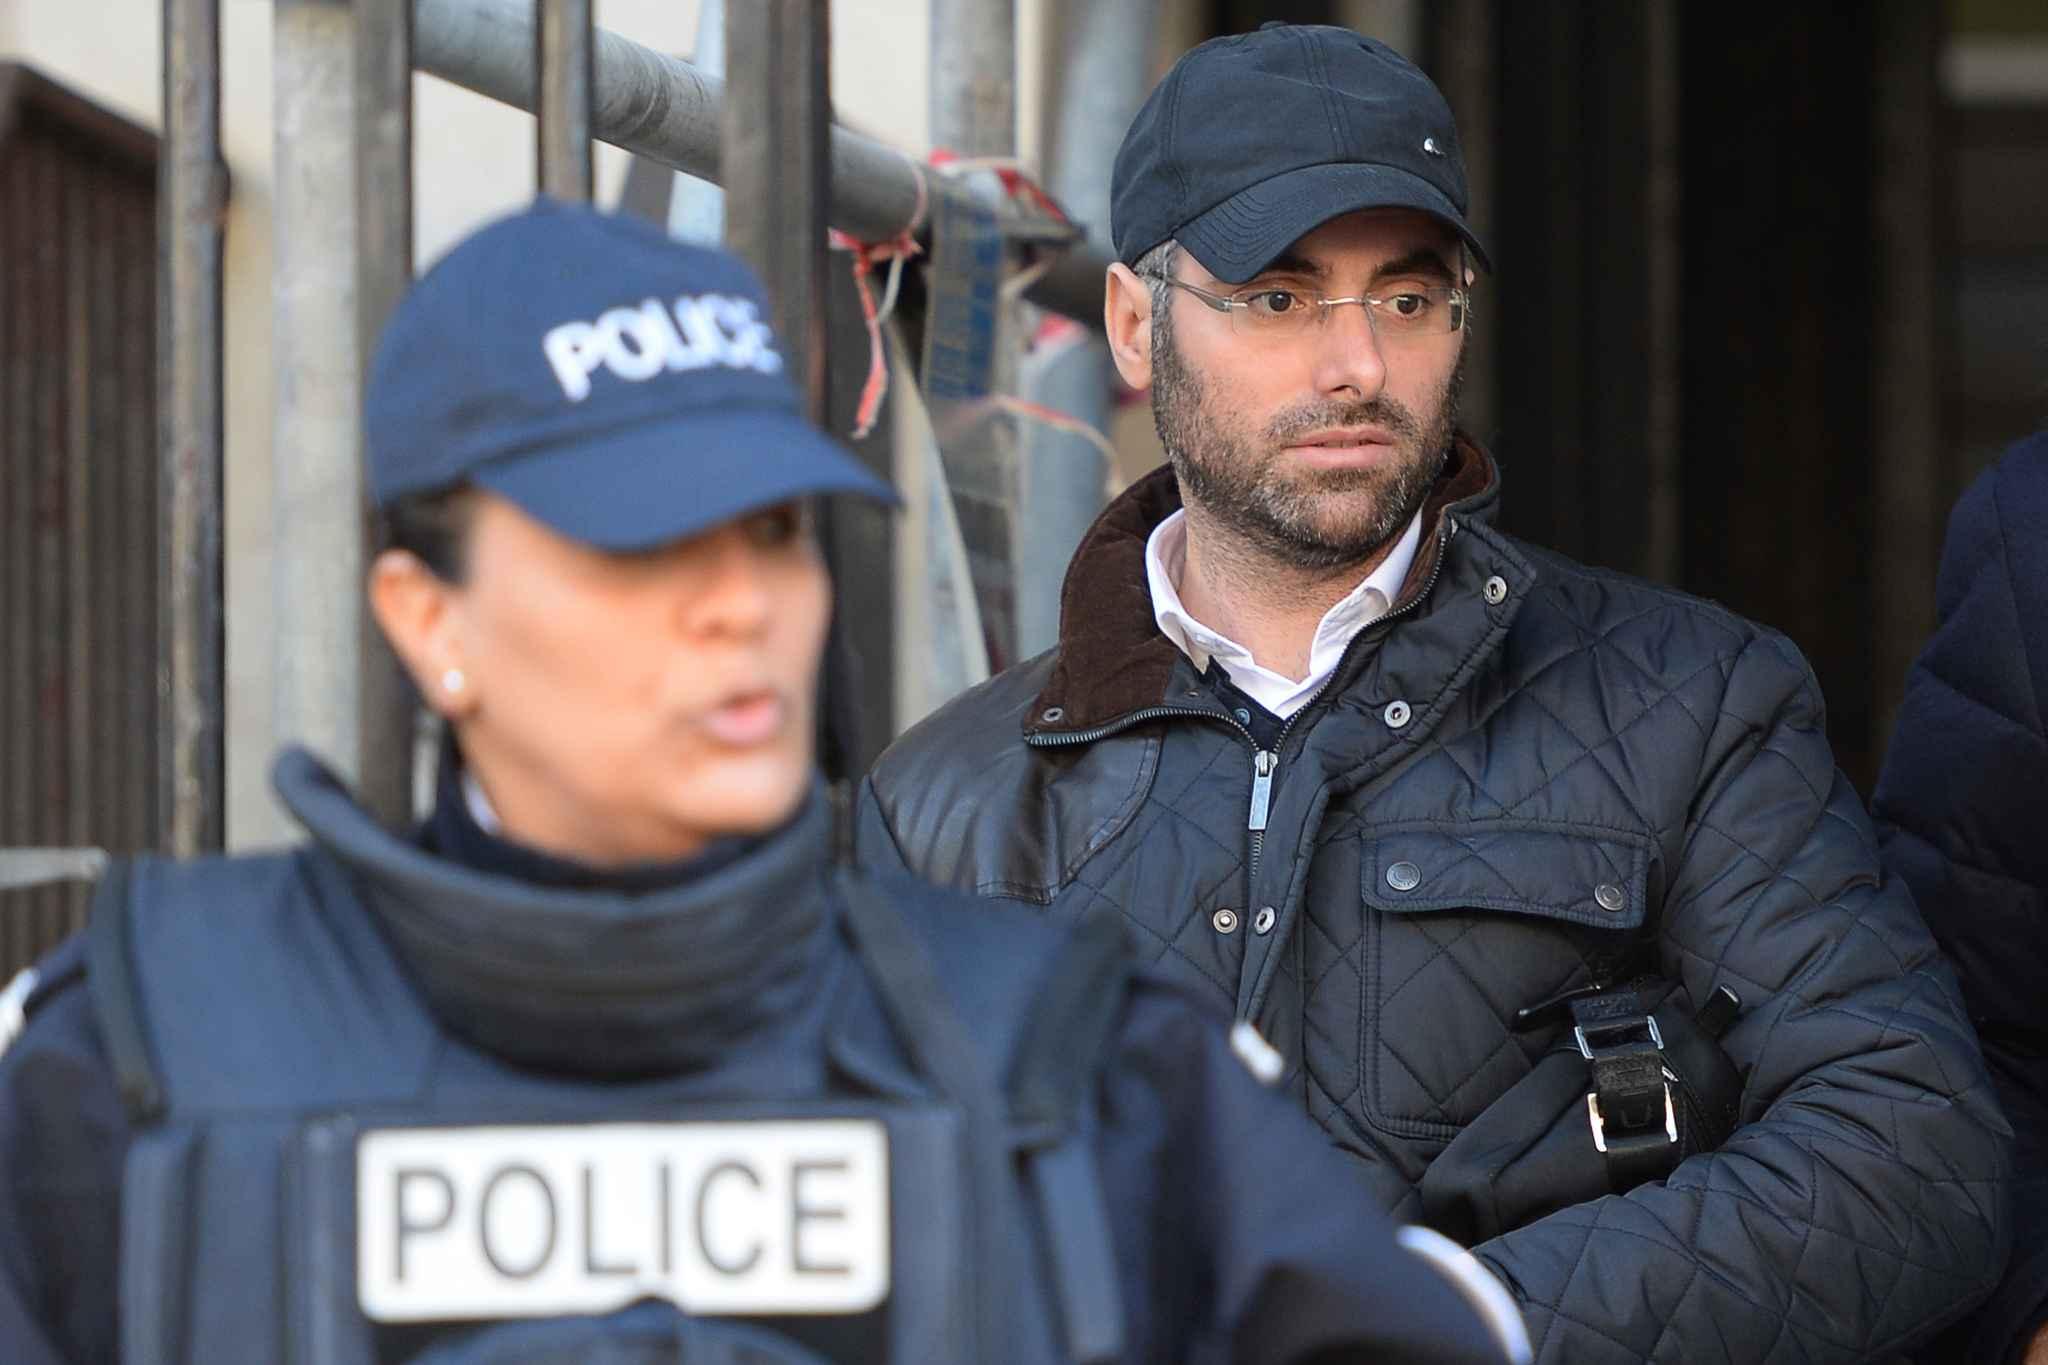 Terrorisme. Un adolescent radicalisé condamné à sept ans de prison